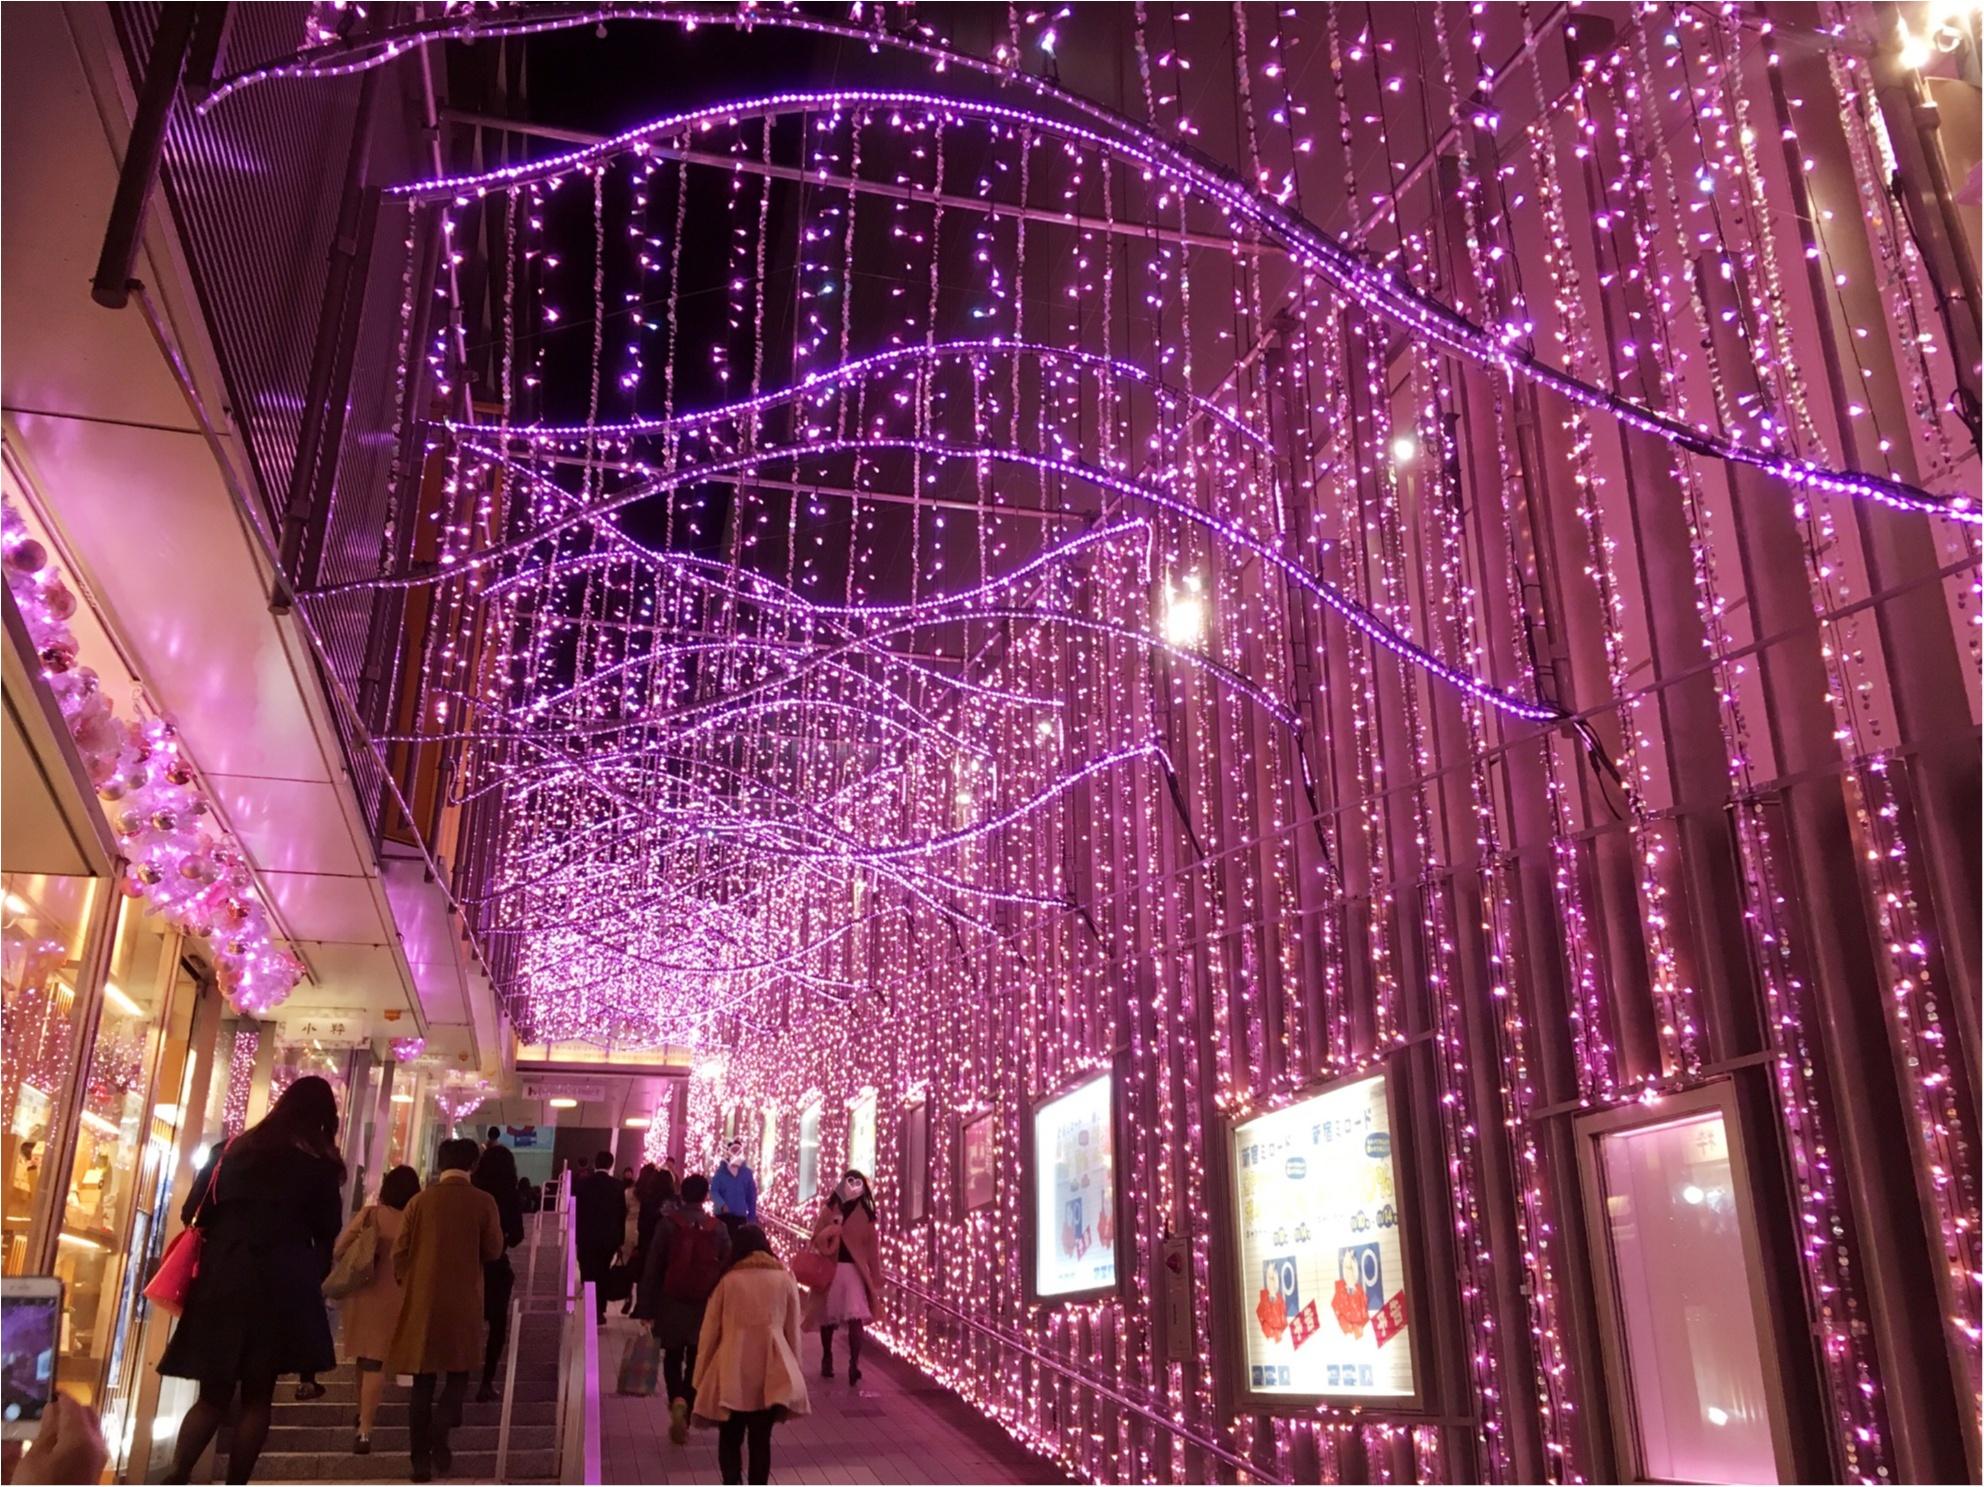 新宿の冬をベビーピンク色に染め上げる♡『新宿テラスシティ』のイルミネーションが女子力高め!体験型の『スマイルタワー』って?♡_5